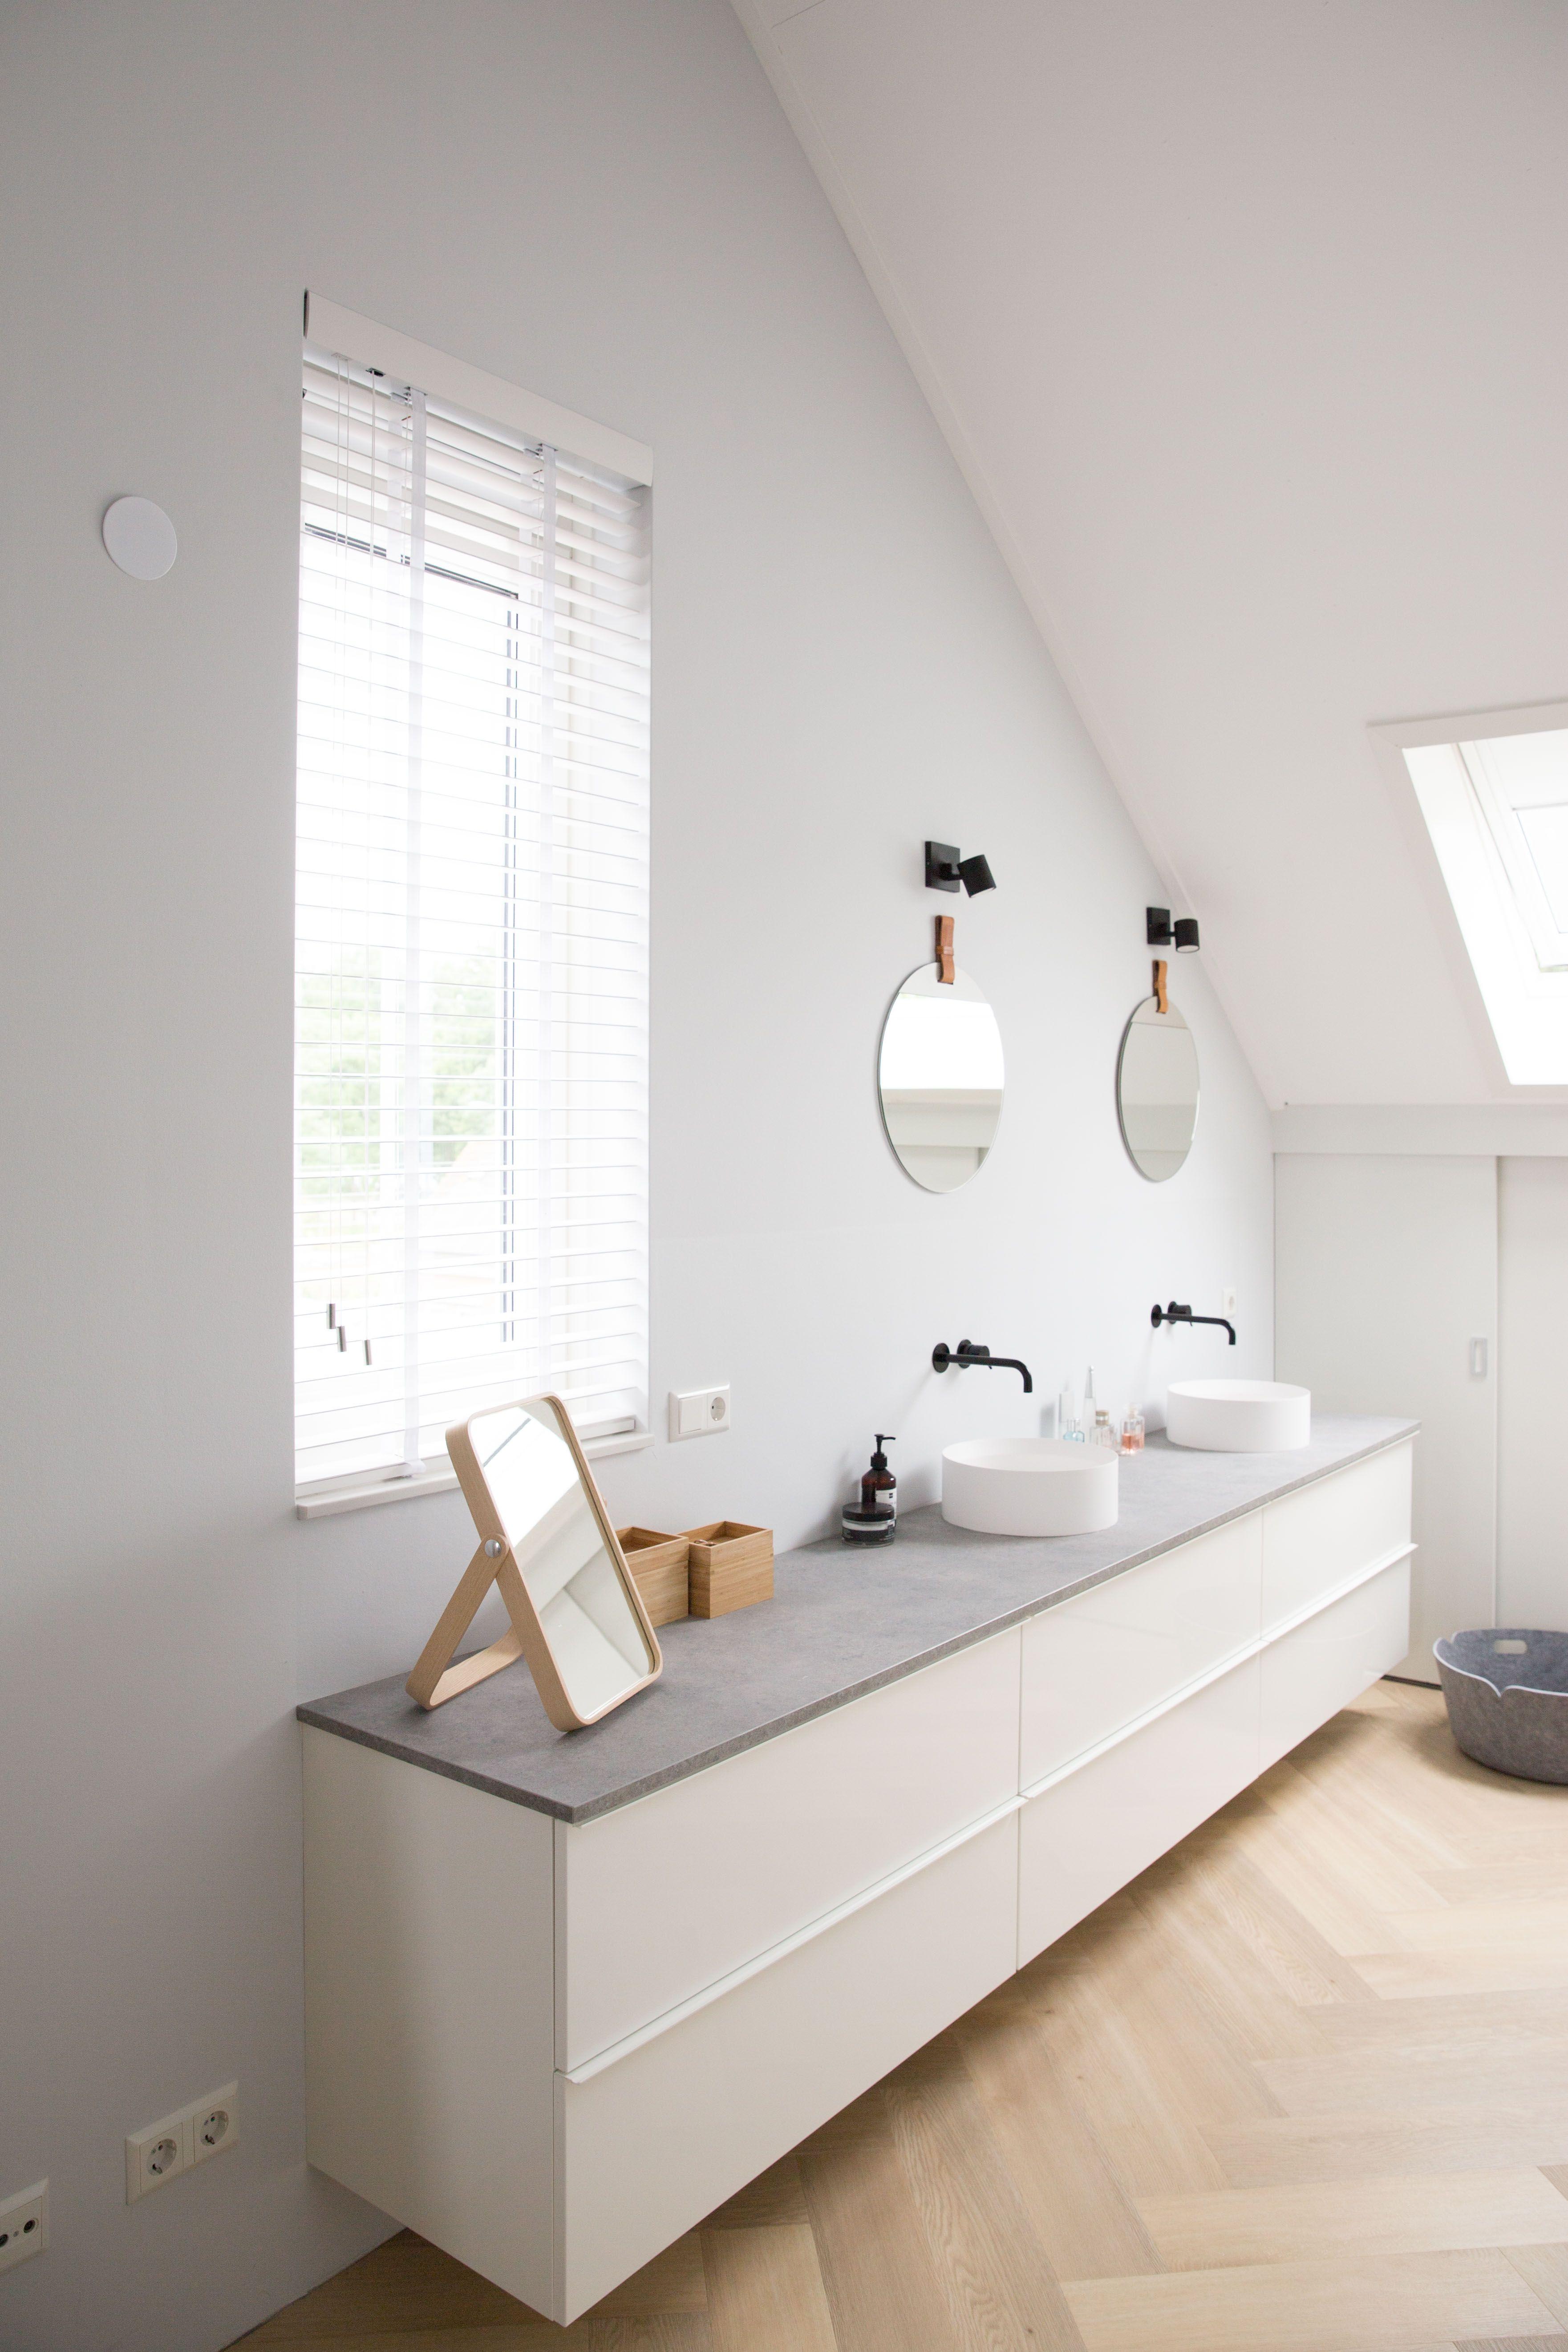 Femkeido | Femkeido Project: nieuwbouw Den Haag - Creating a dream ...